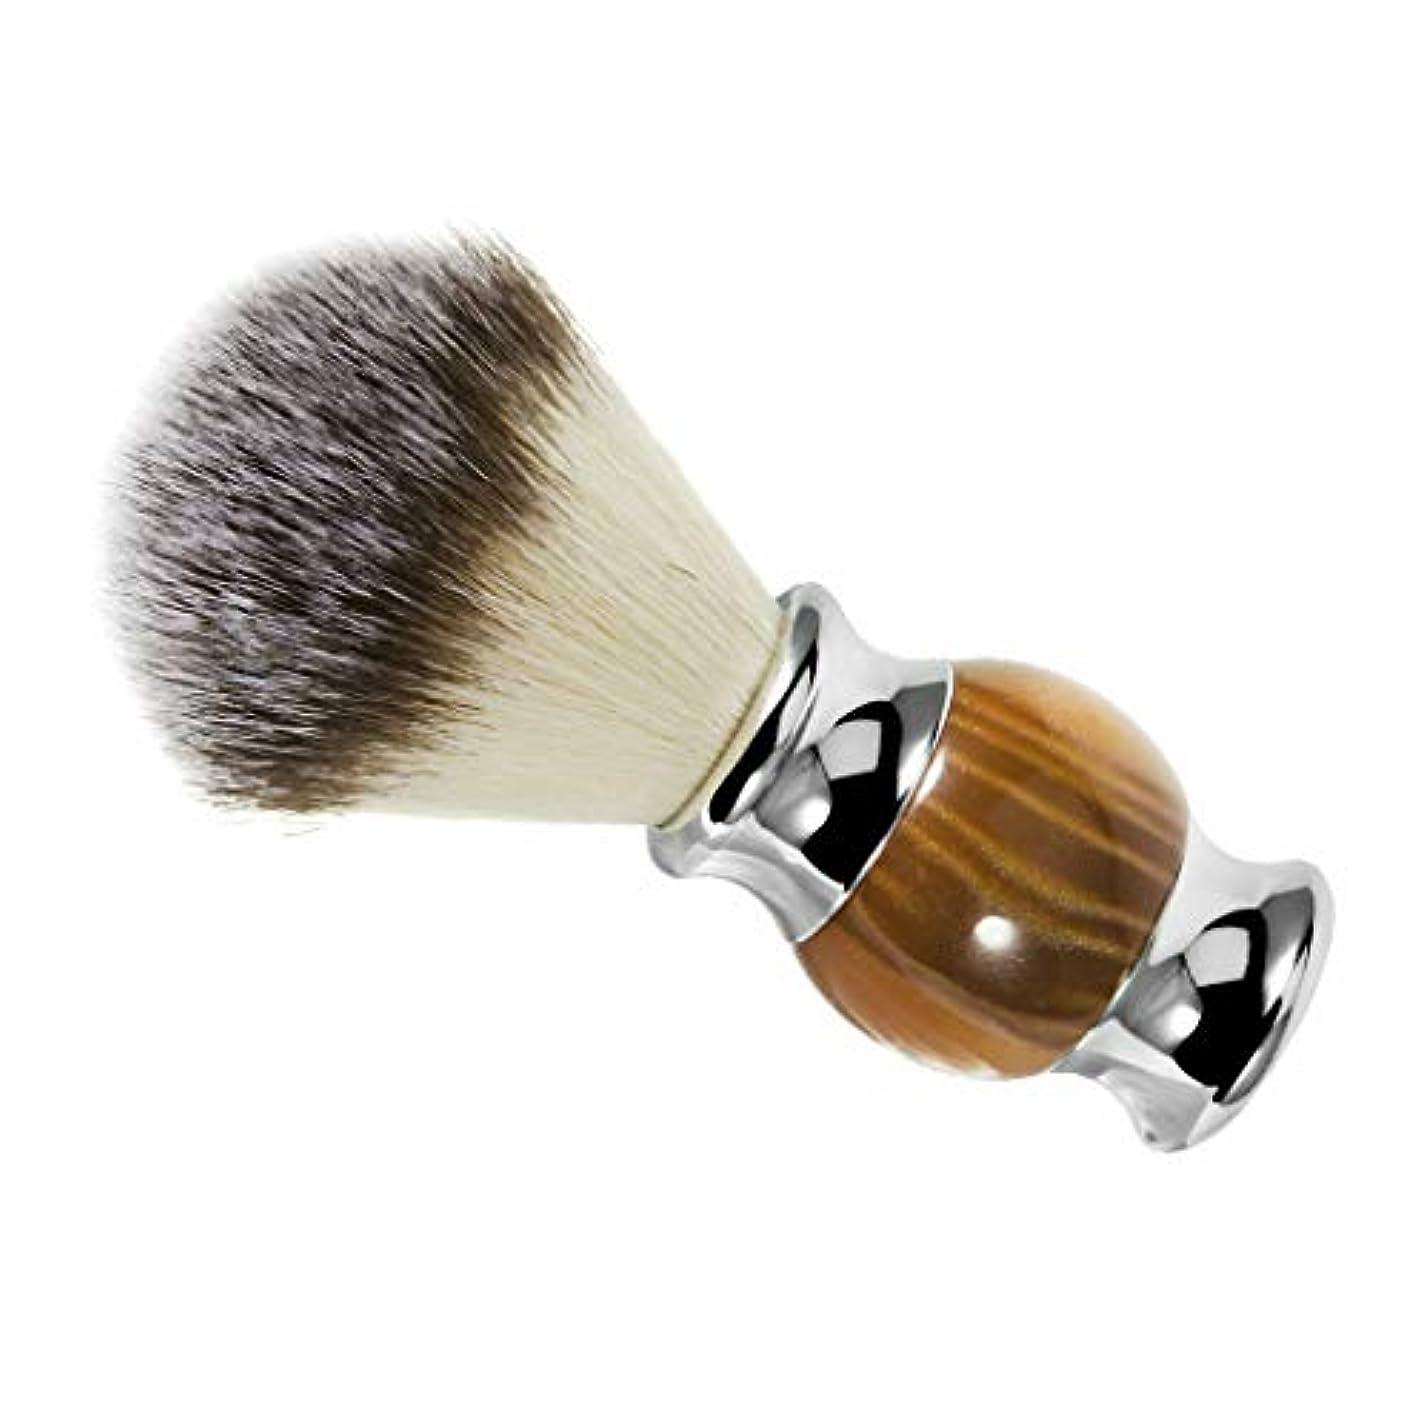 読み書きのできないゼロ左シェービングブラシ ひげ剃りブラシ 口ひげブラシ 理髪サロン 髭剃り ひげ剃り 泡立ち